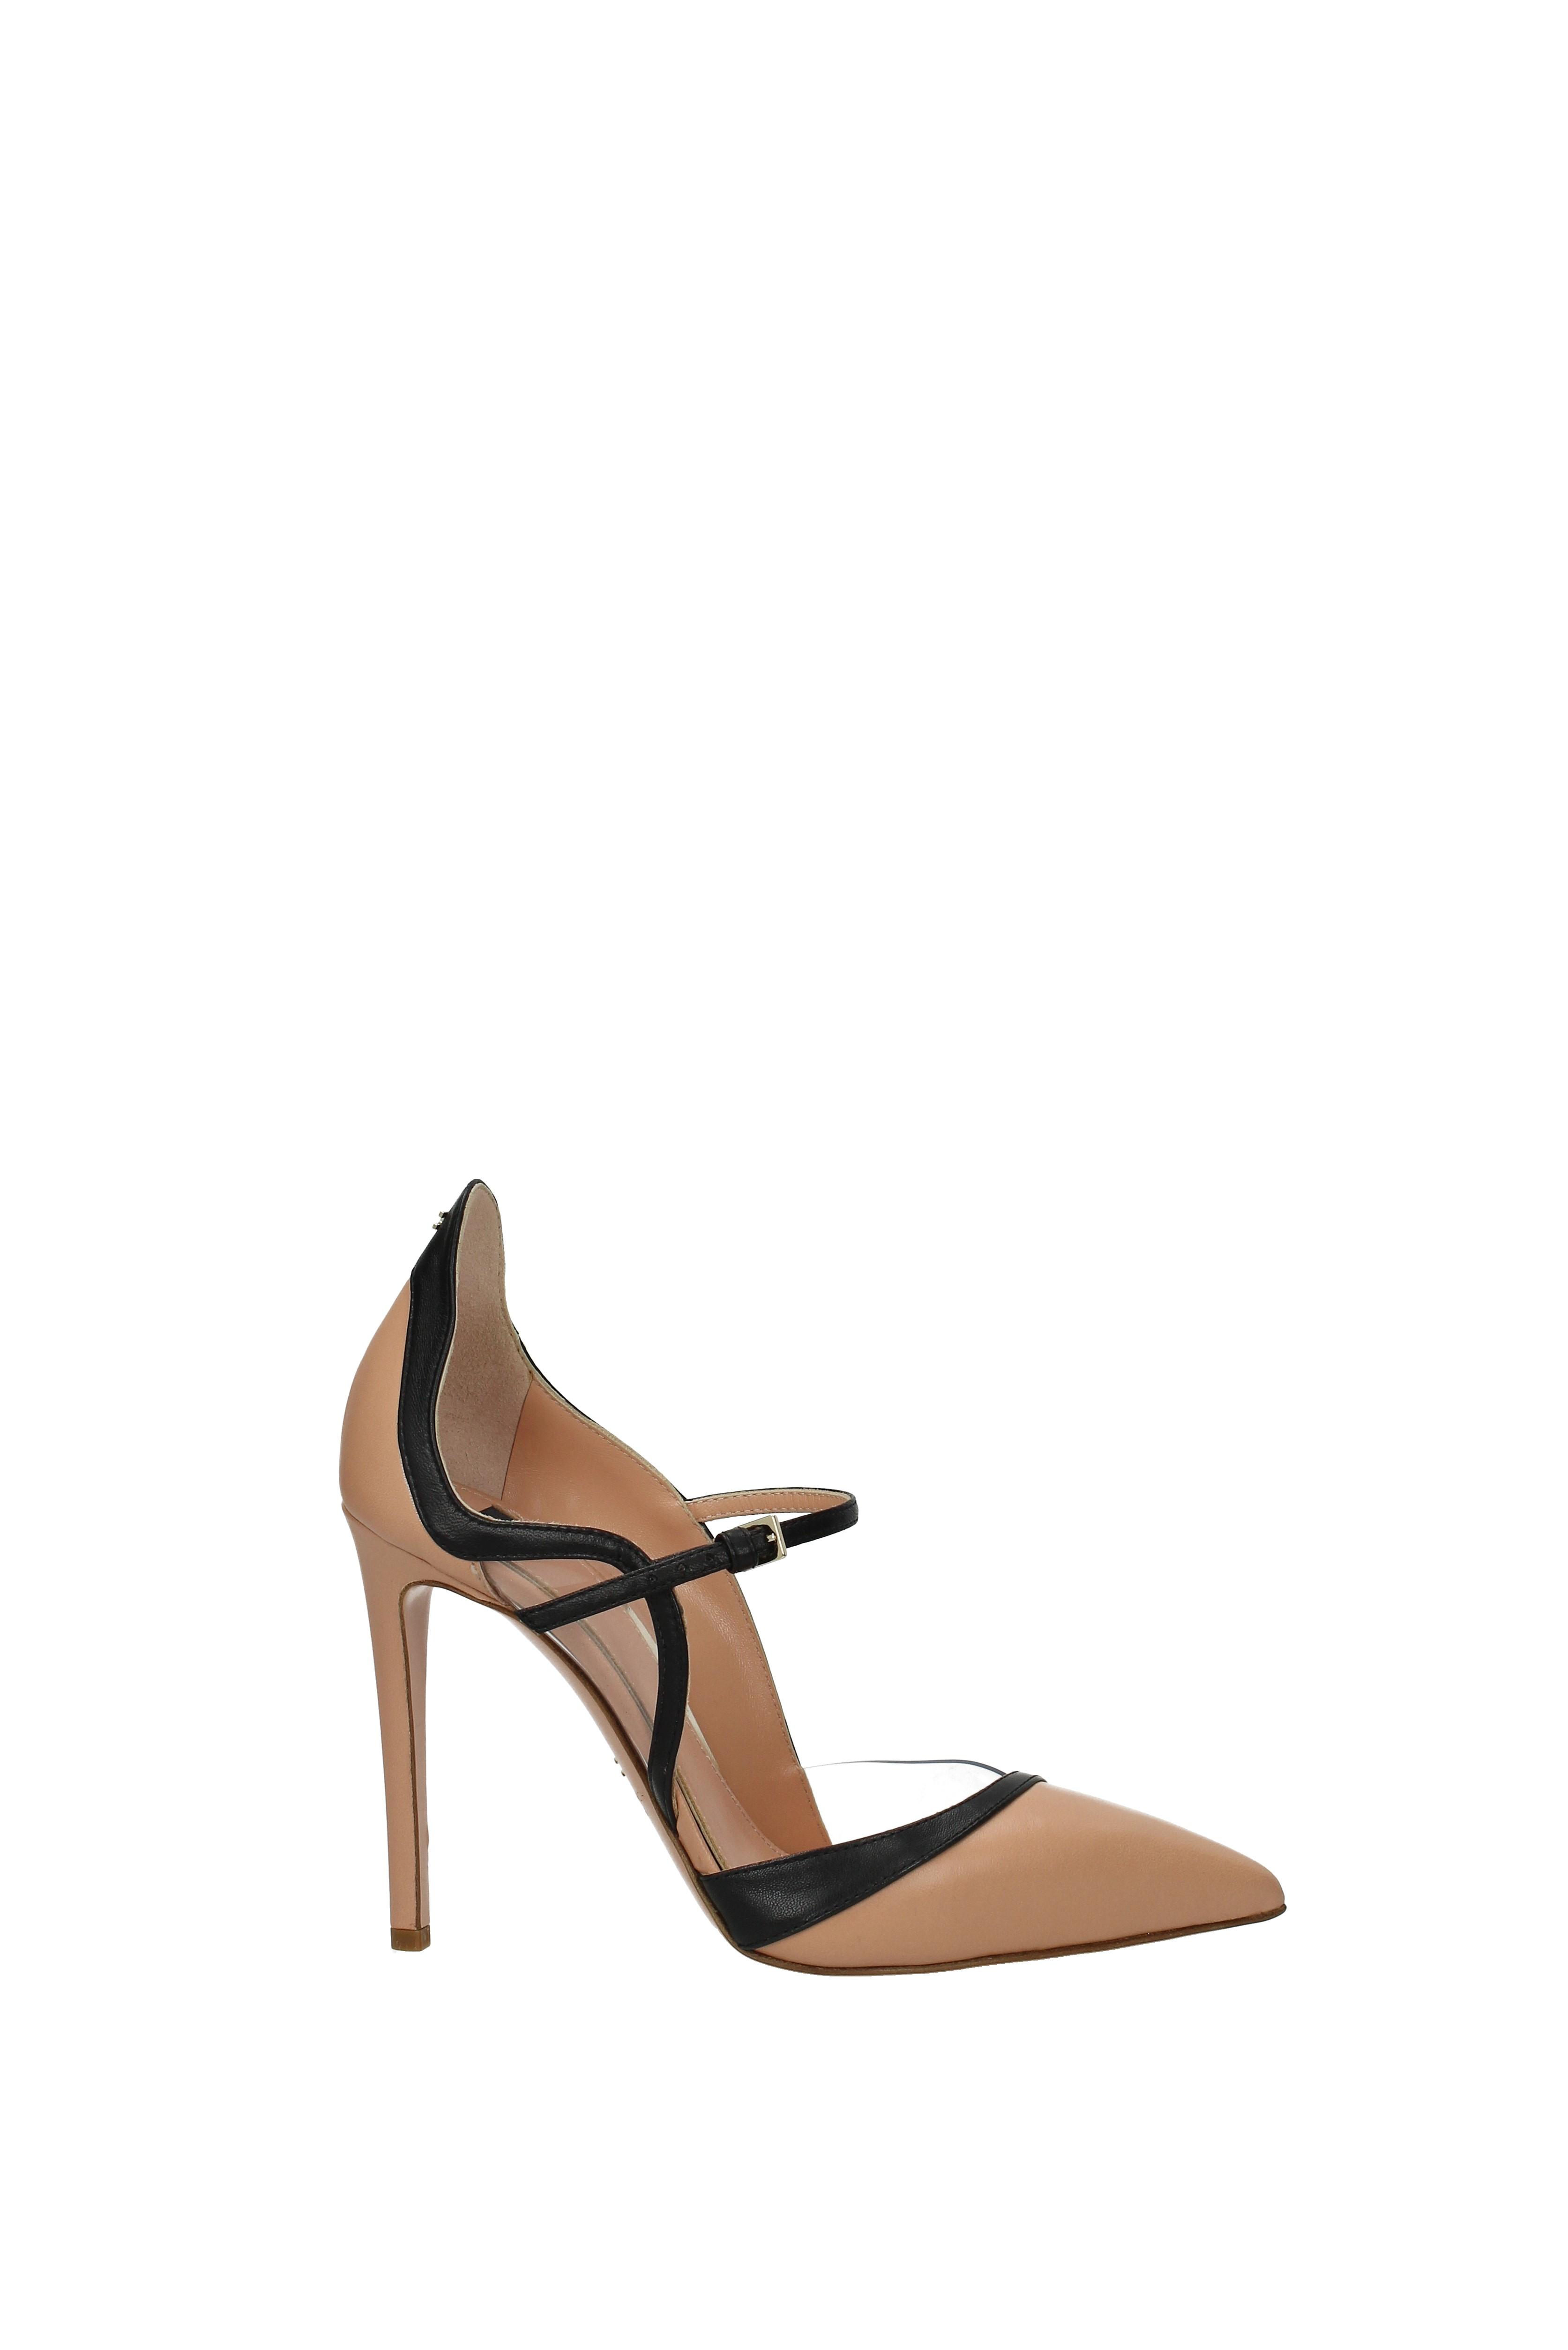 Sandals (55L77E2) Elisabetta Franchi Women - Leather (55L77E2) Sandals 9af7ec